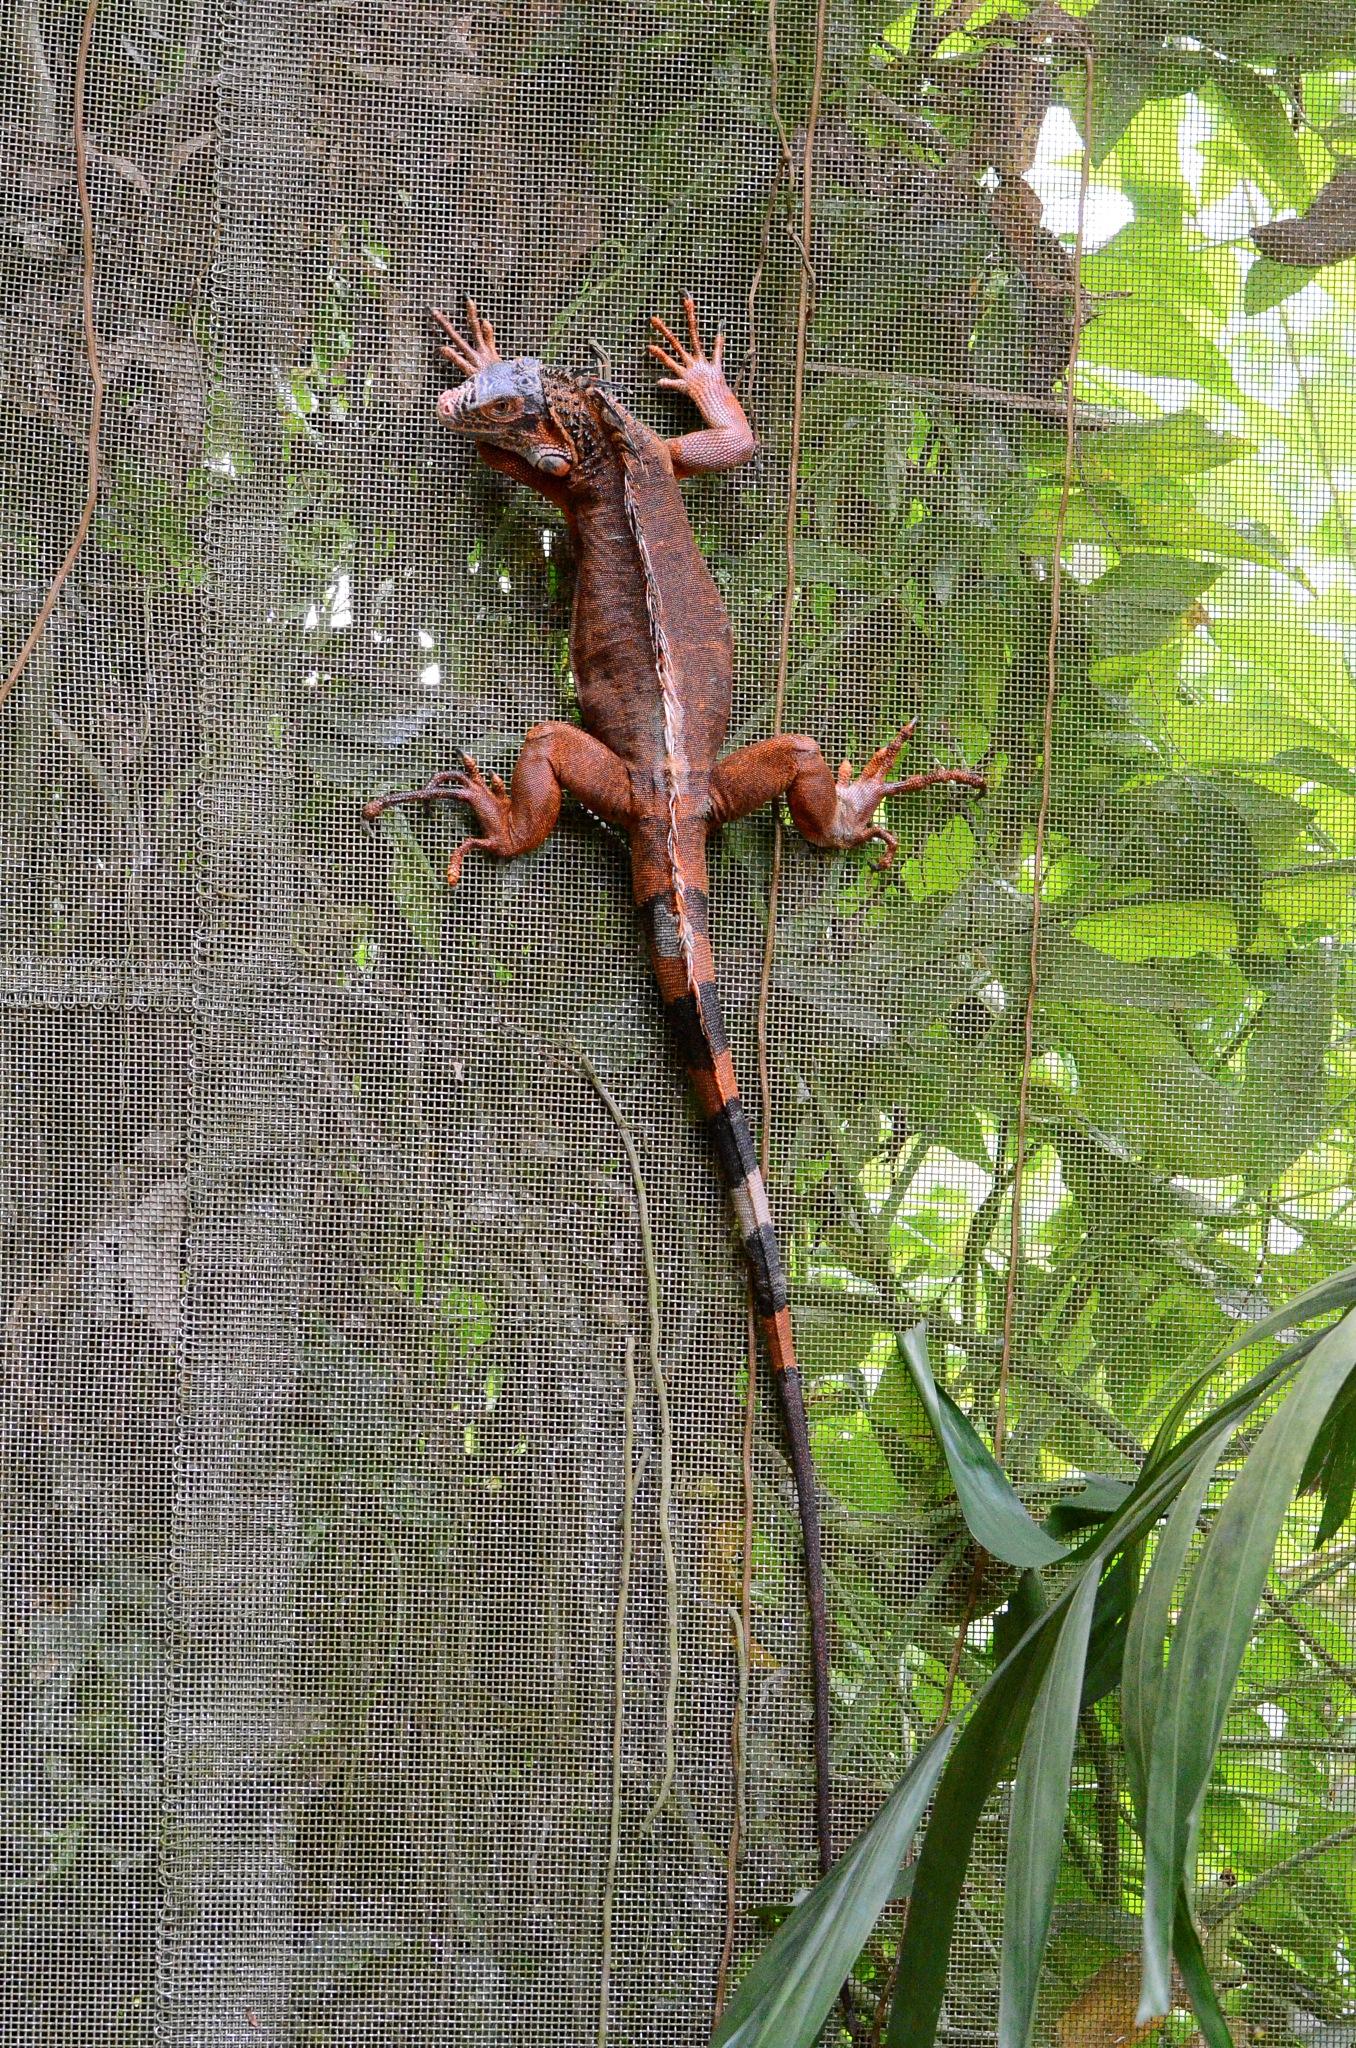 reptile by Ashok n Pulliyerengi